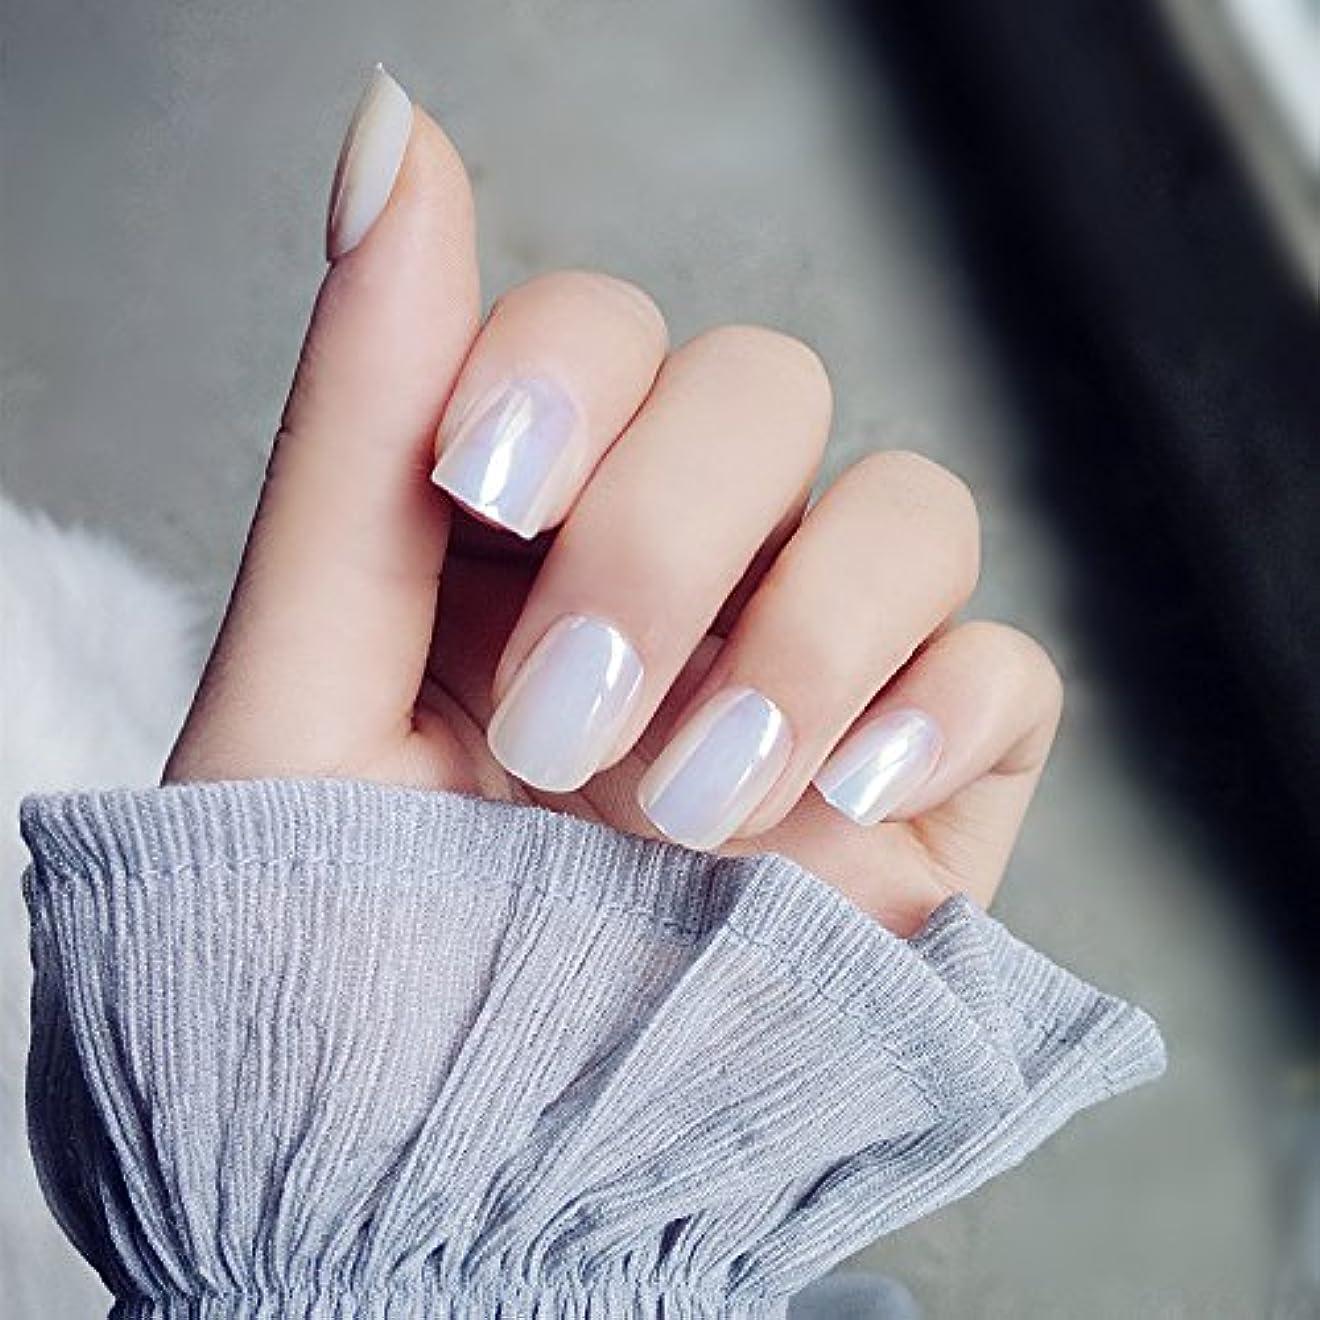 鎮静剤酔うもっと少なく超薄型ネイル 手作りネイルチップ 新製品 真珠の光沢 ショート型ネイル つけ爪 24枚組 超薄型ネイル